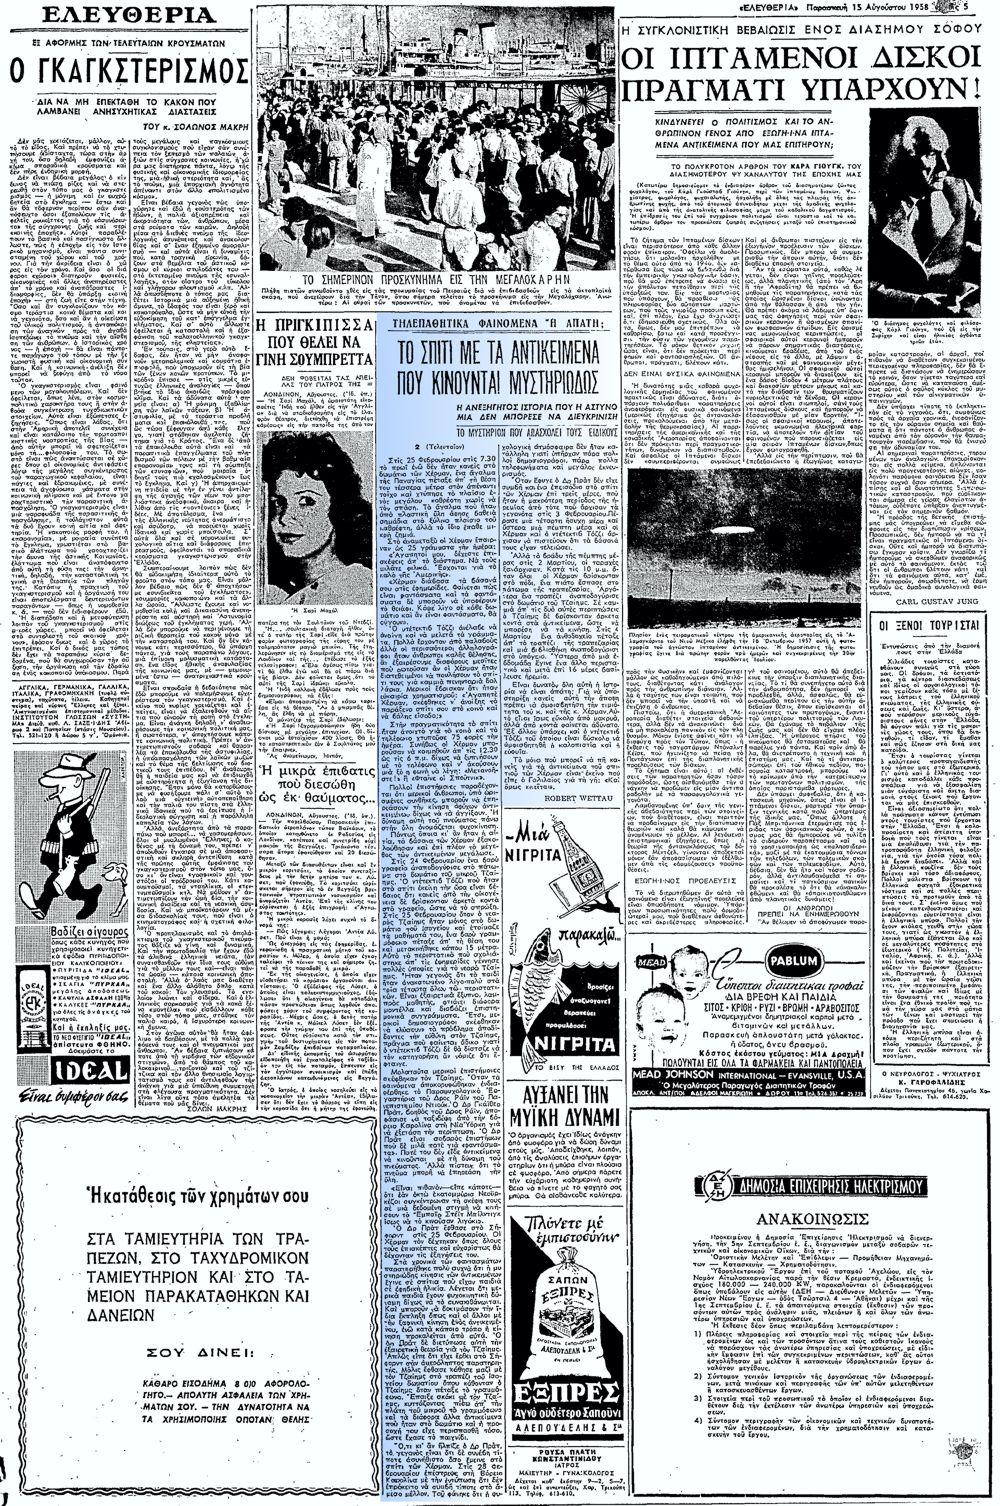 """Το άρθρο, όπως δημοσιεύθηκε στην εφημερίδα """"ΕΛΕΥΘΕΡΙΑ"""", στις 15/08/1958"""